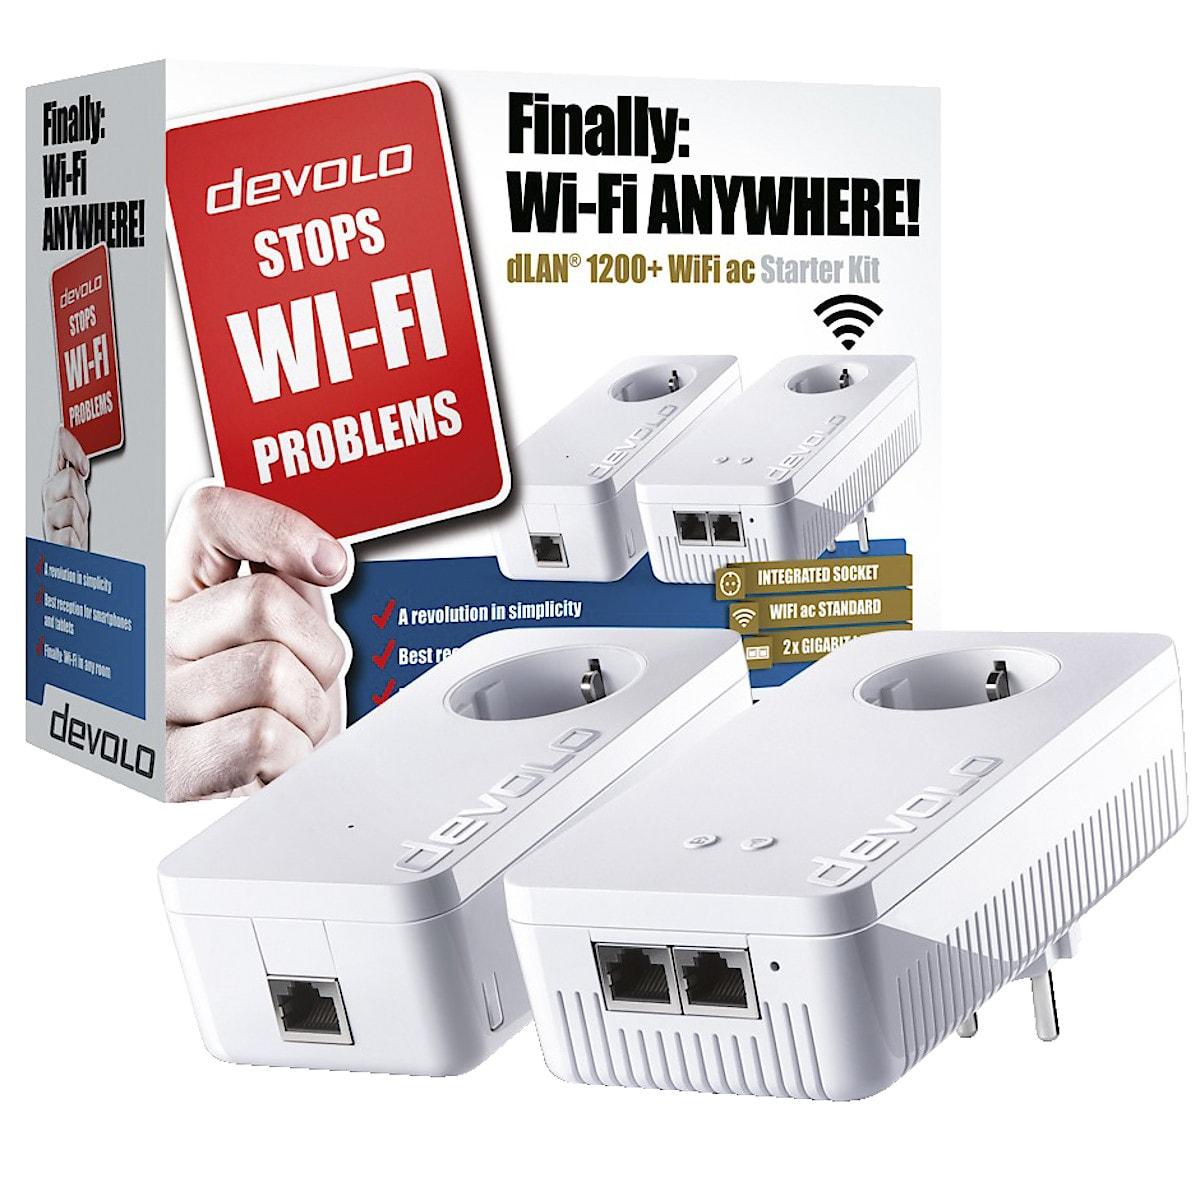 HomePlug Devolo dLAN 1200 + WiFi AC Starter Kit